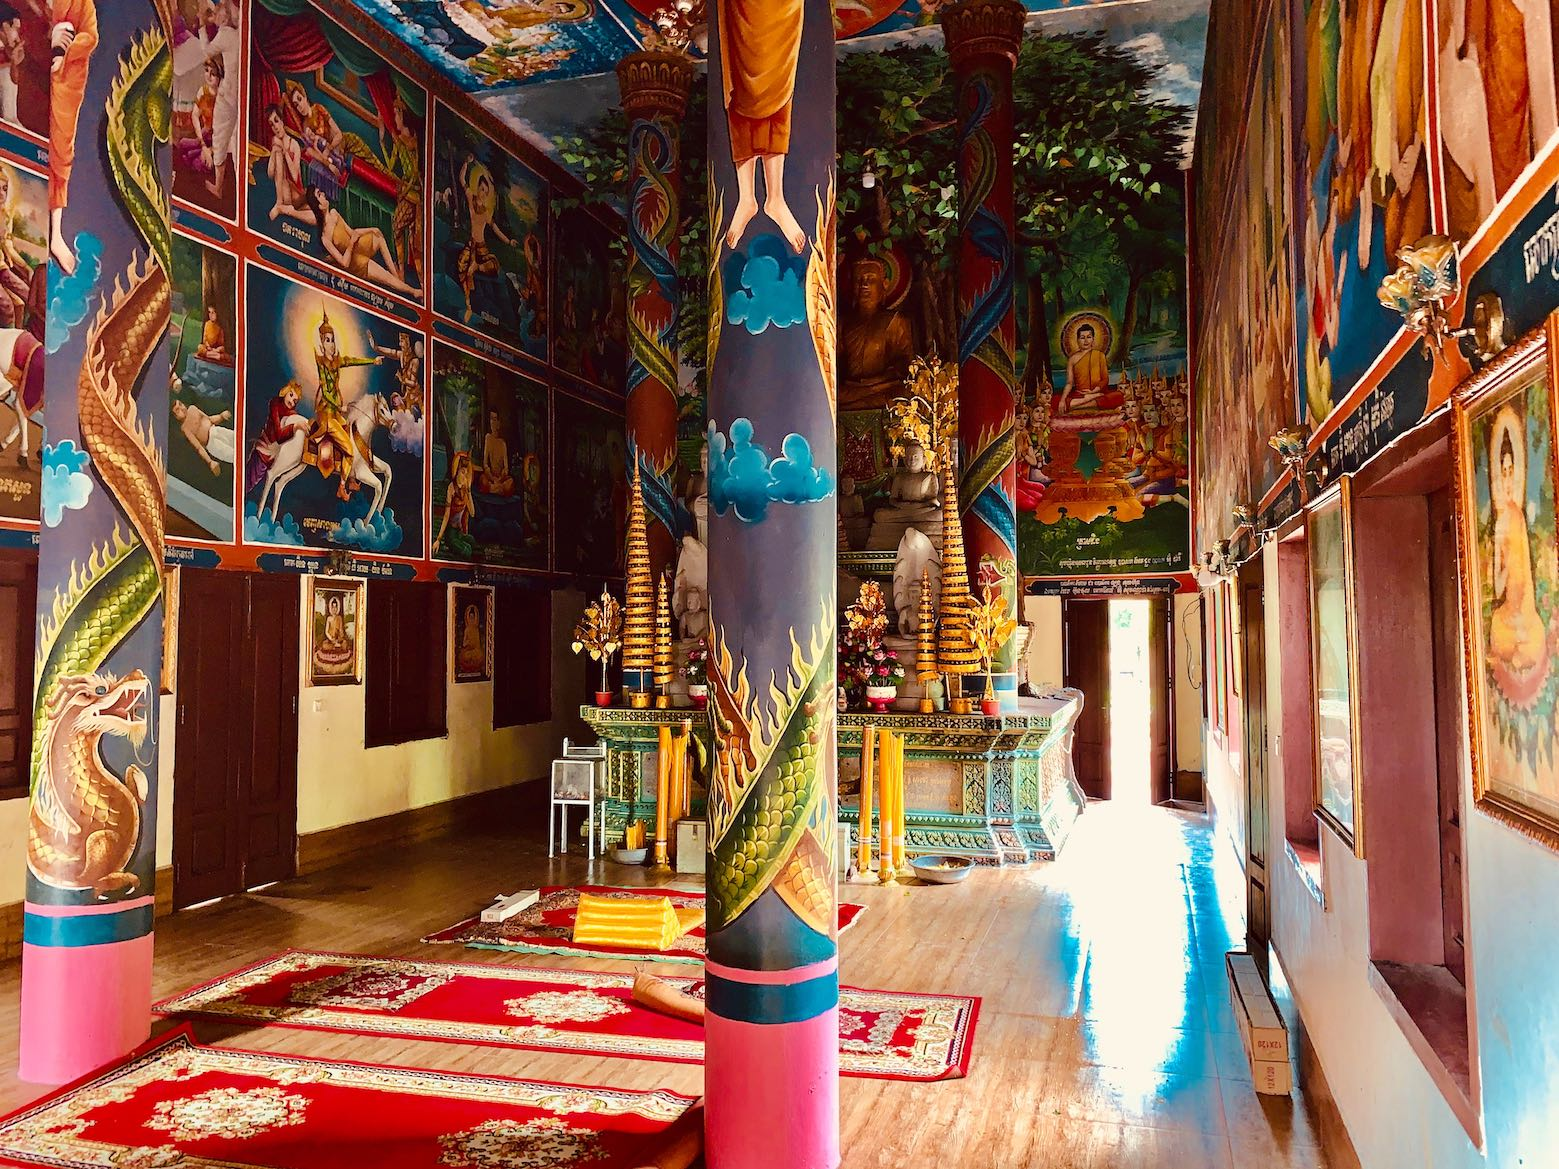 Samot Raingsey Pagoda in Kep.